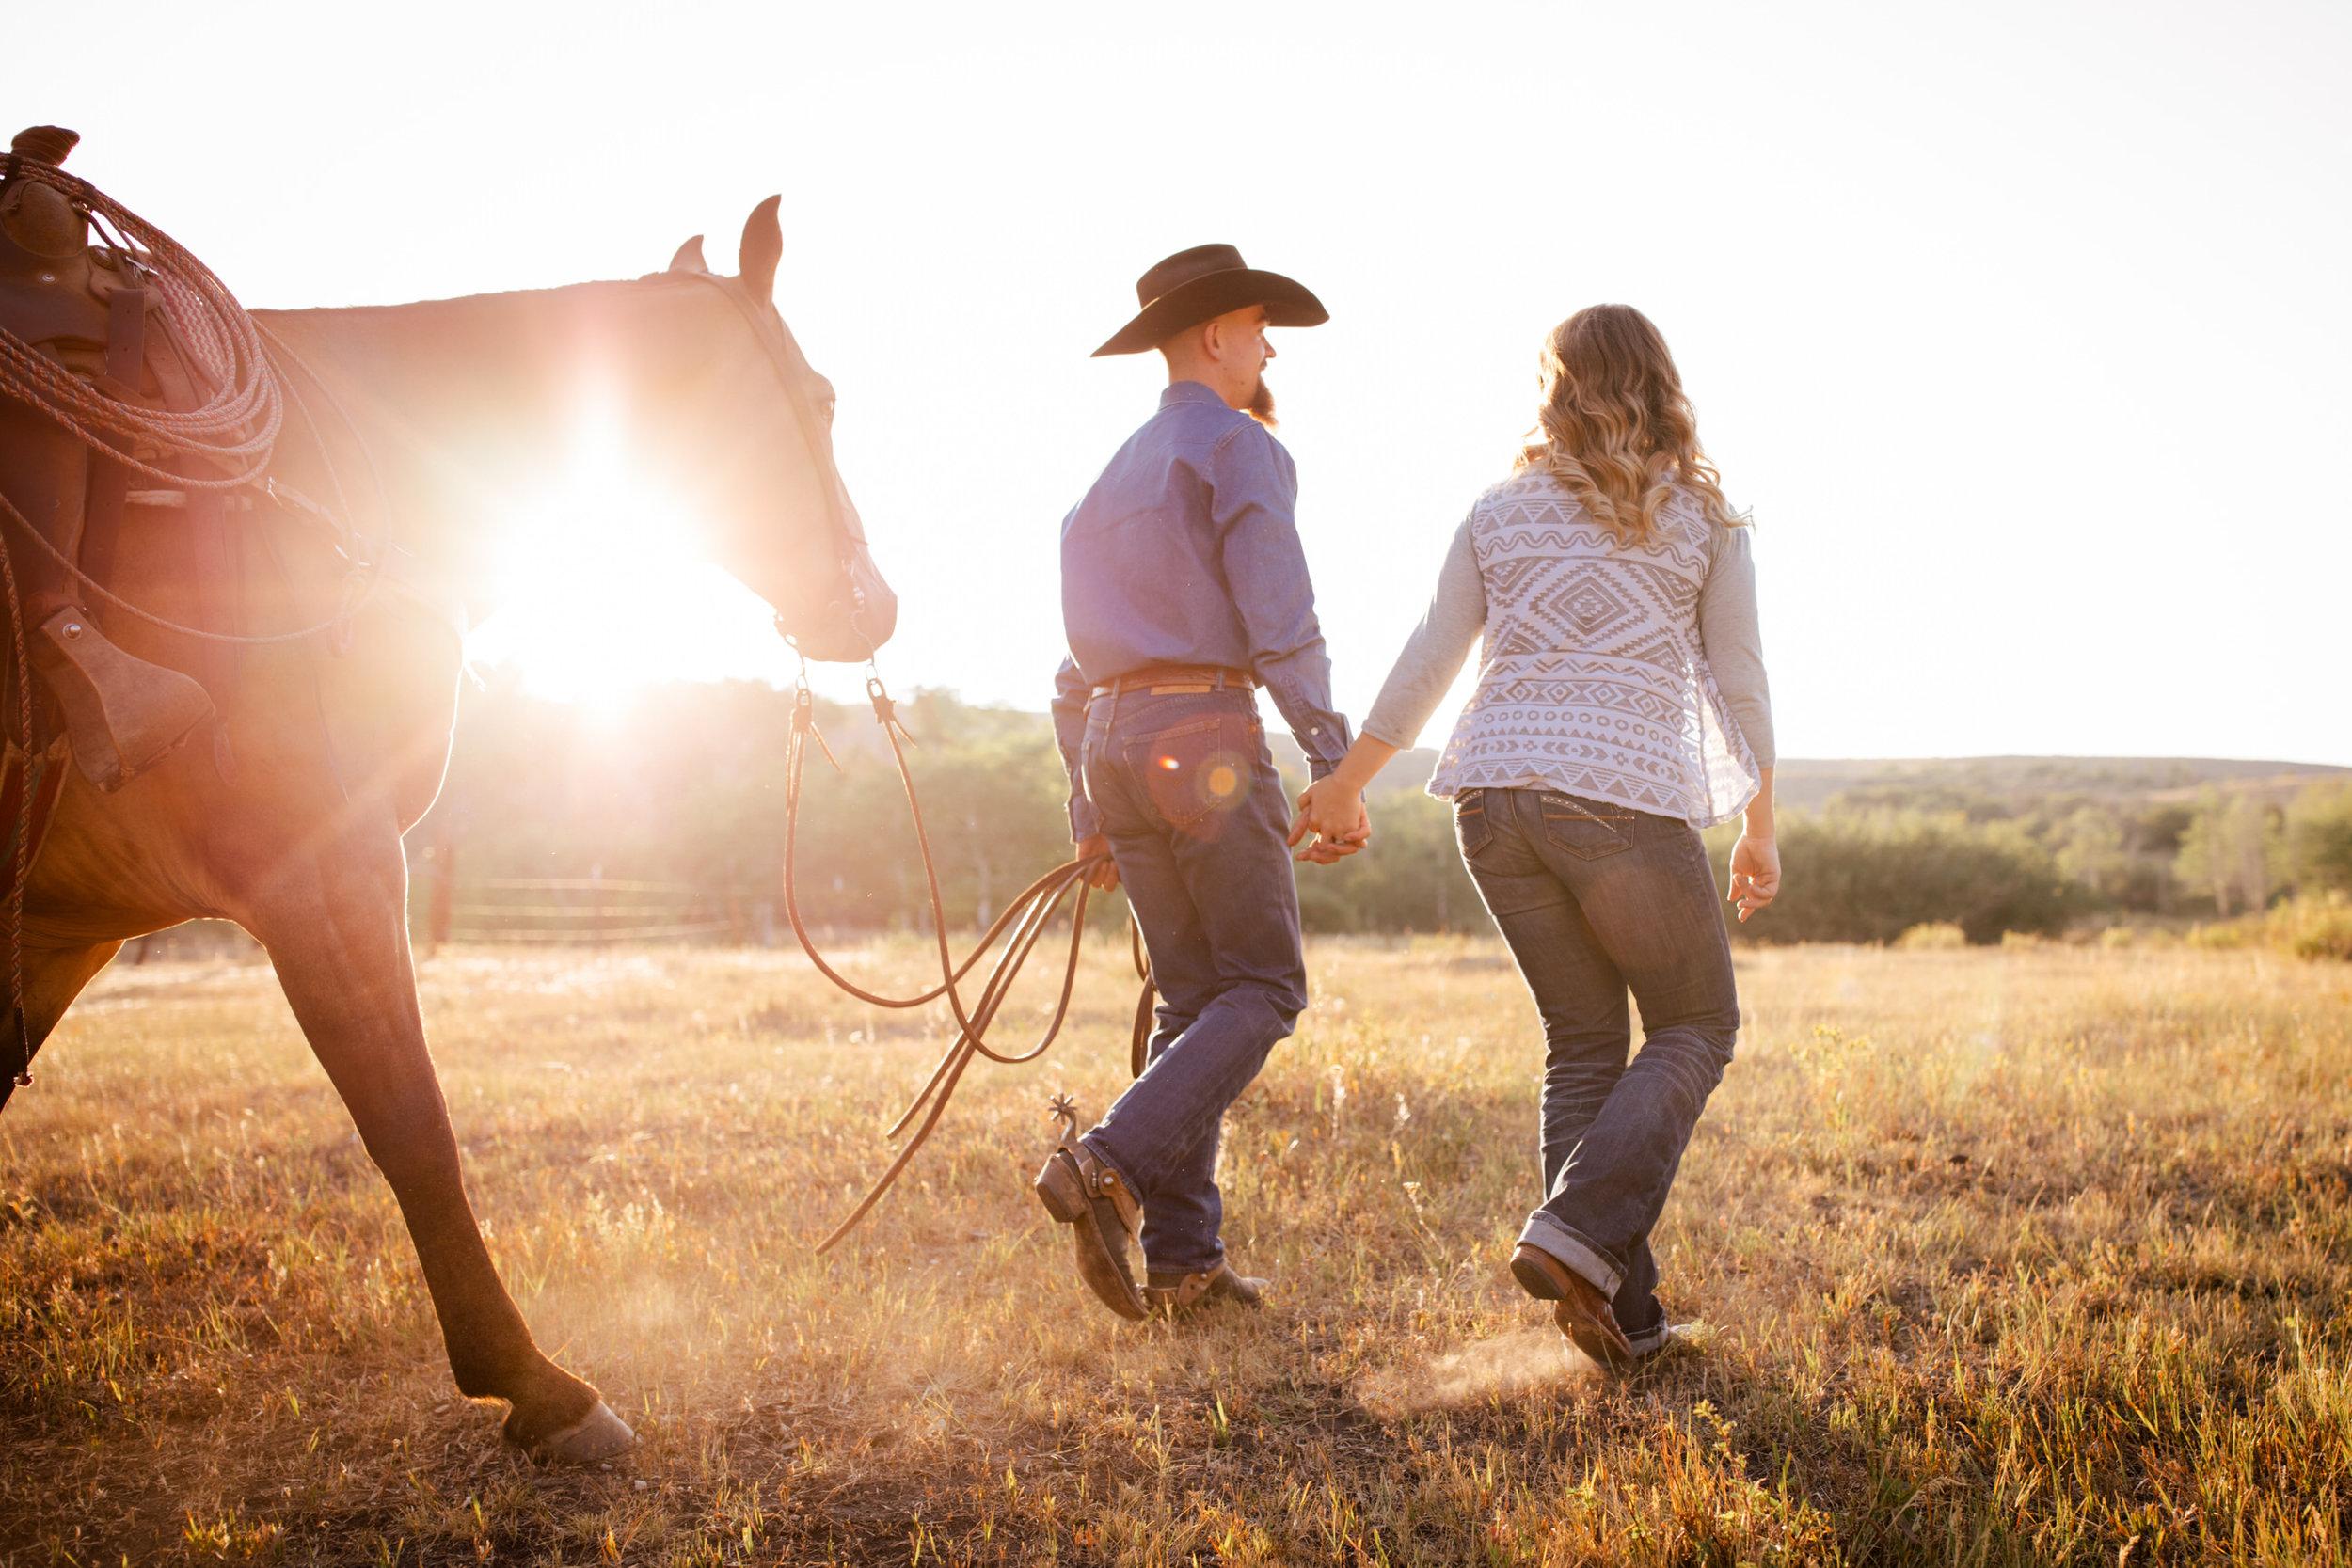 Tonya Merke Photography WY Engagement_Becca+Garret-19.jpg